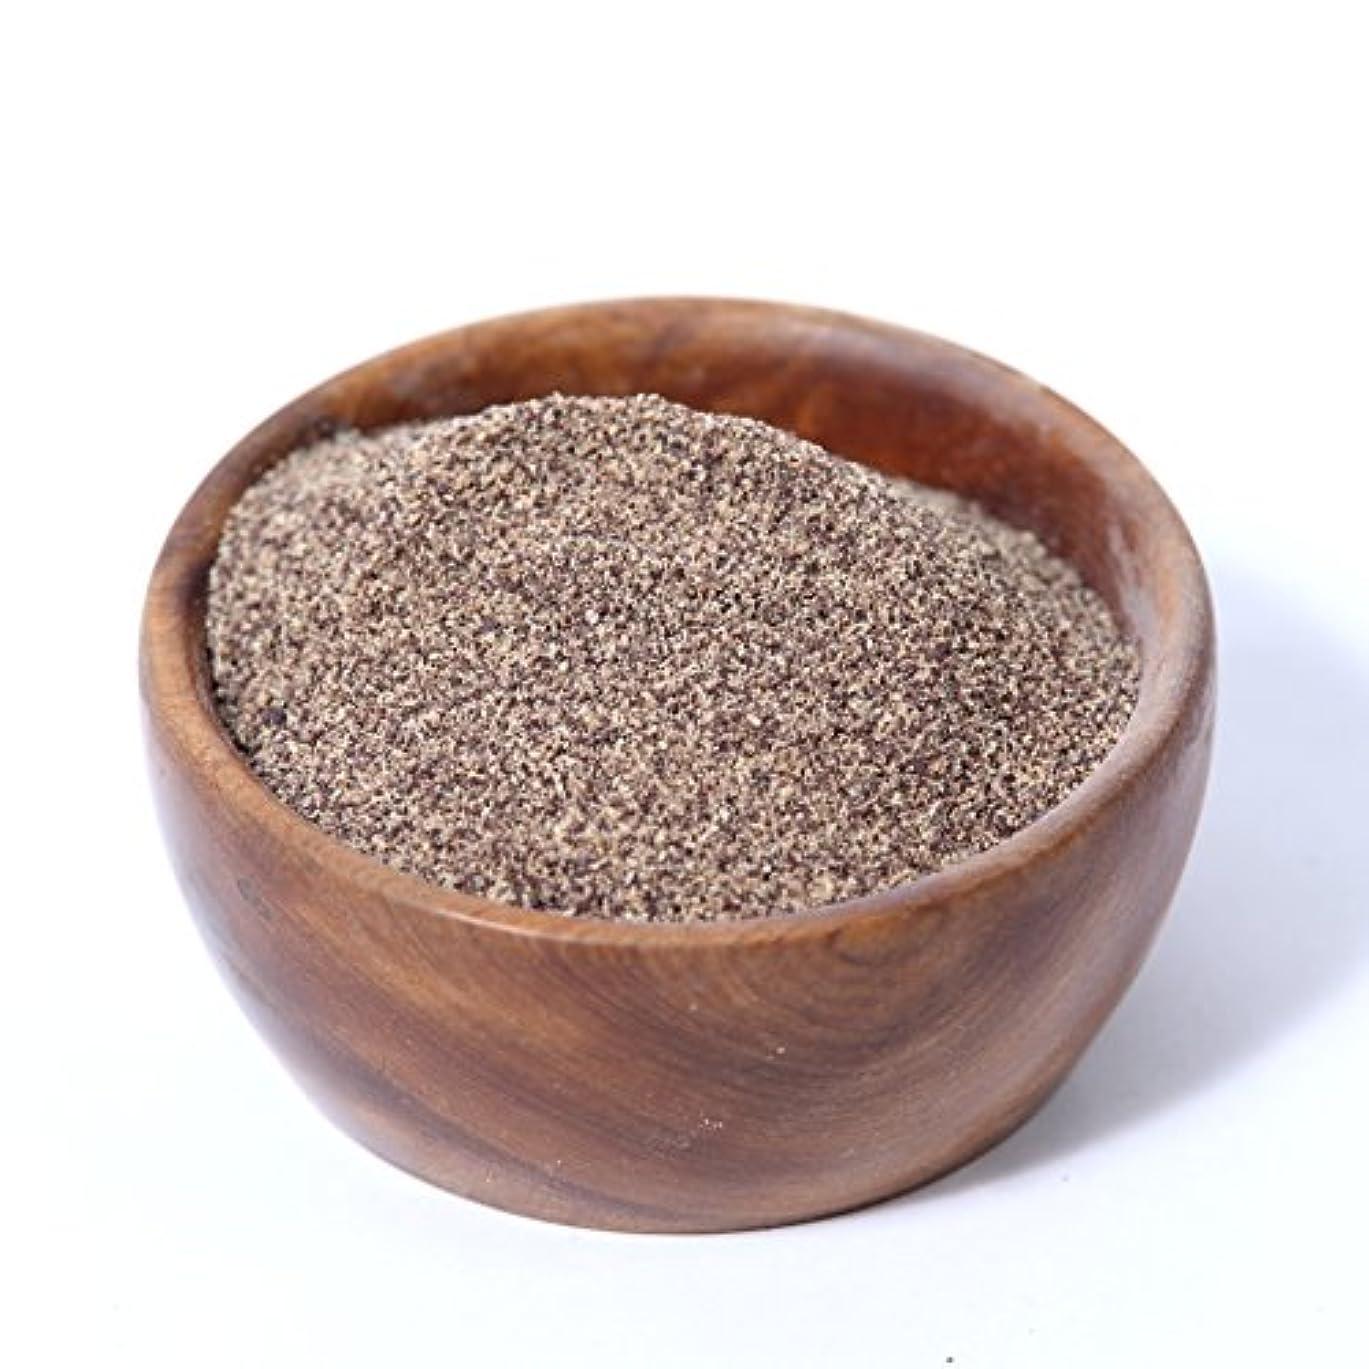 制限された製作告白Jojoba Seeds For Face Exfoliant 500g